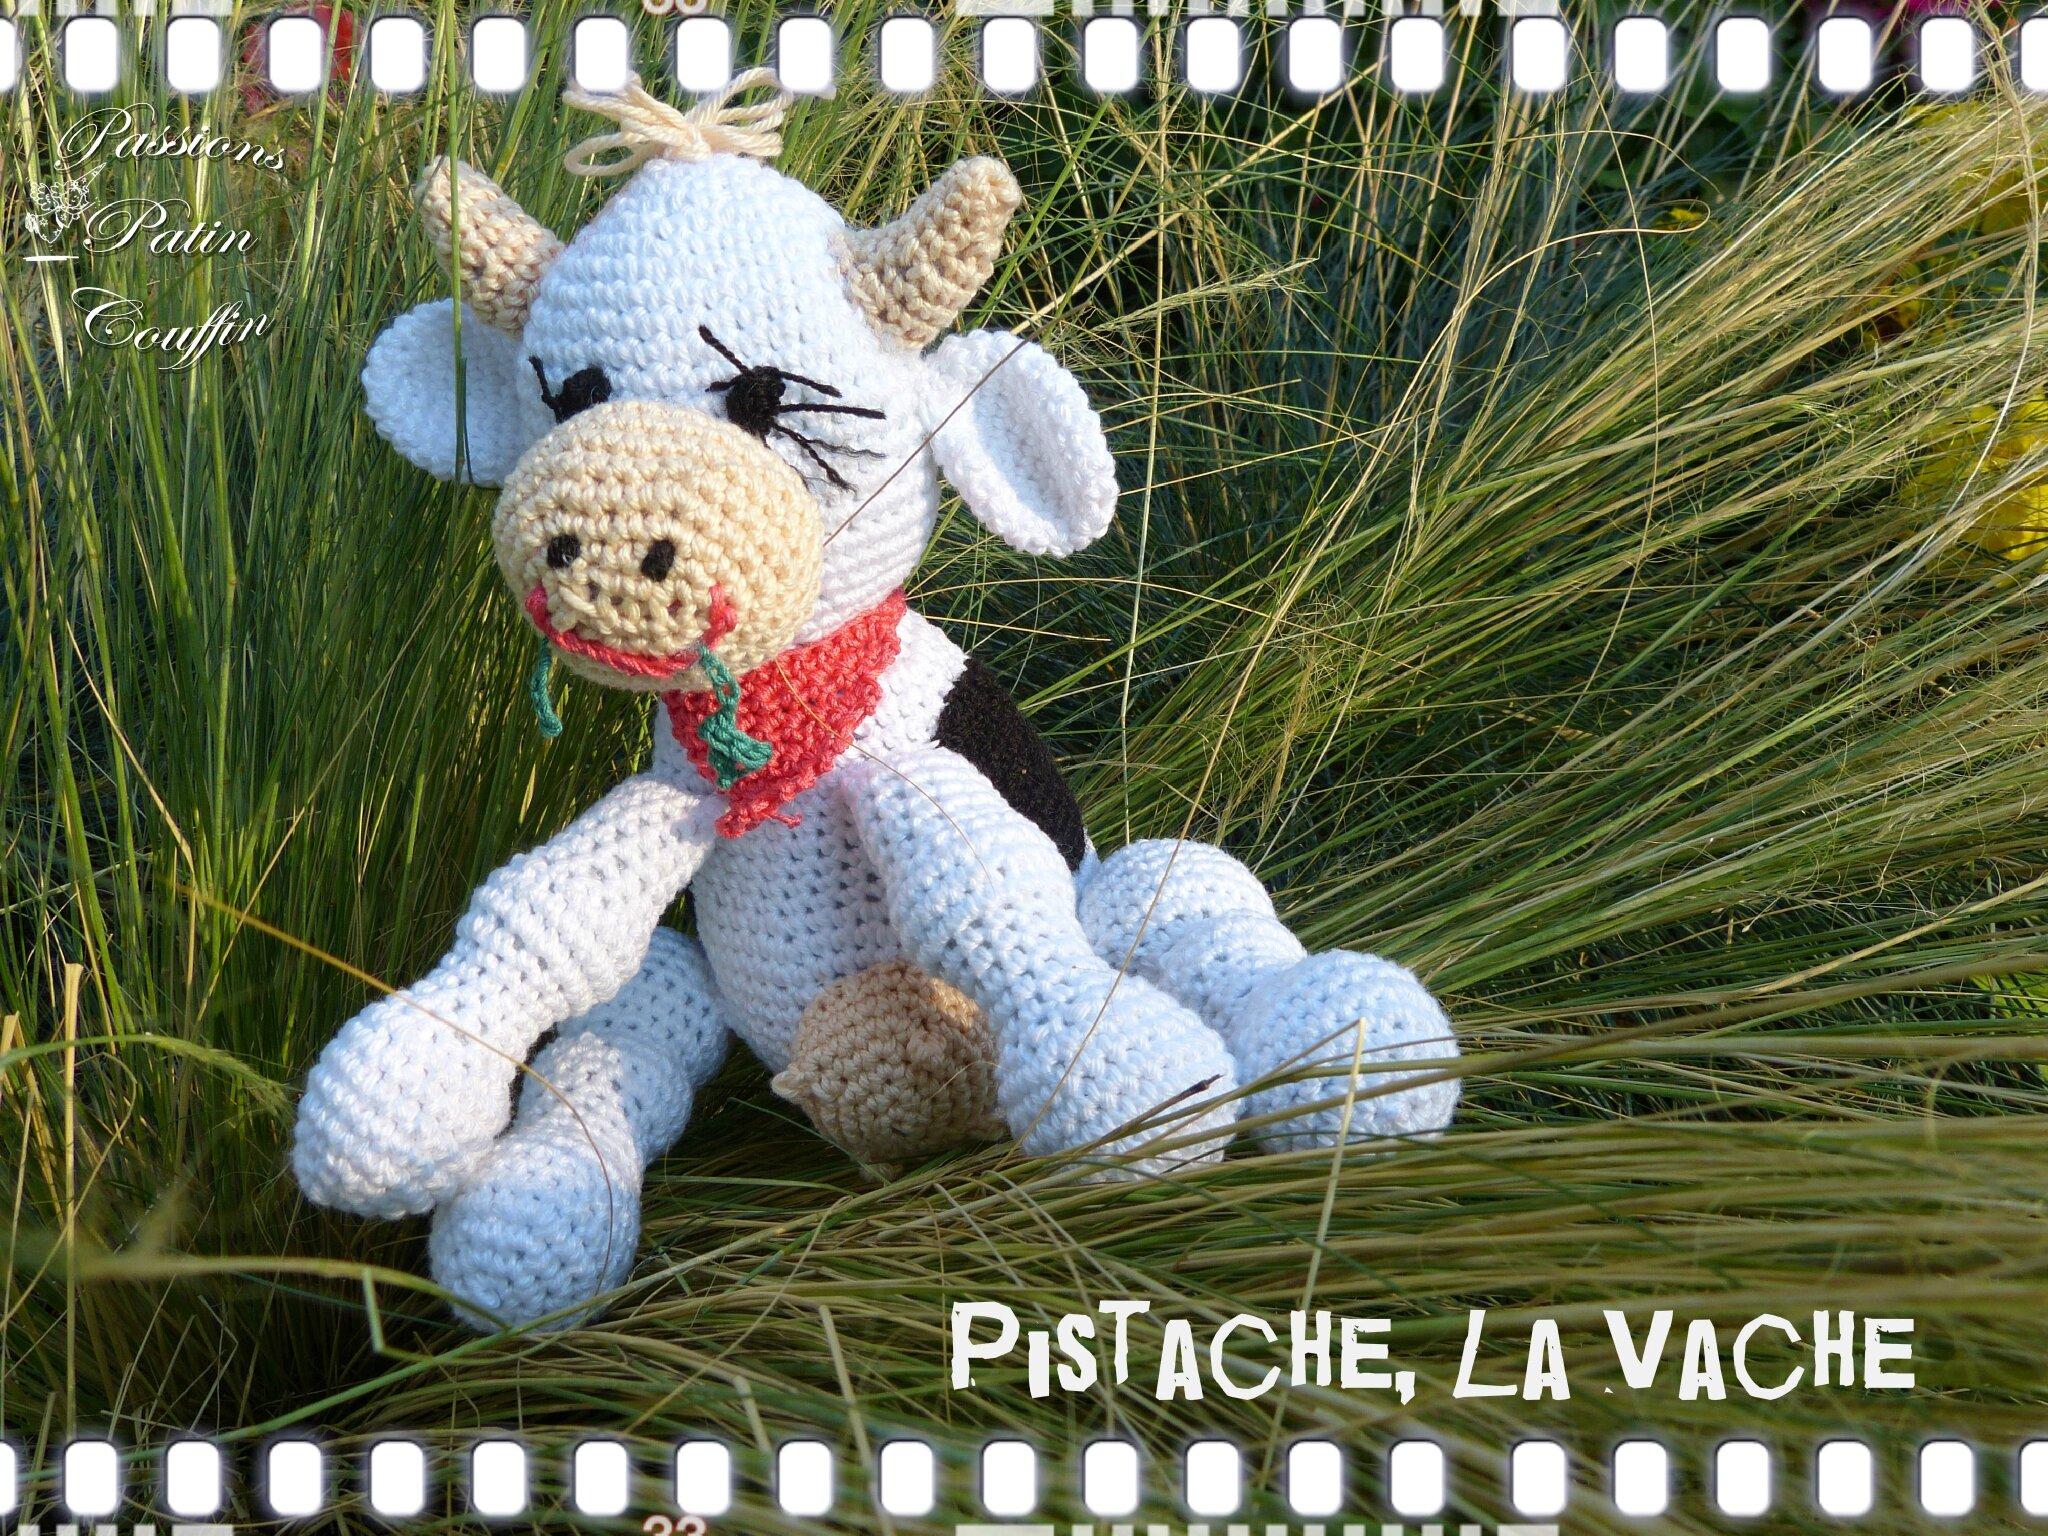 pistache la vache